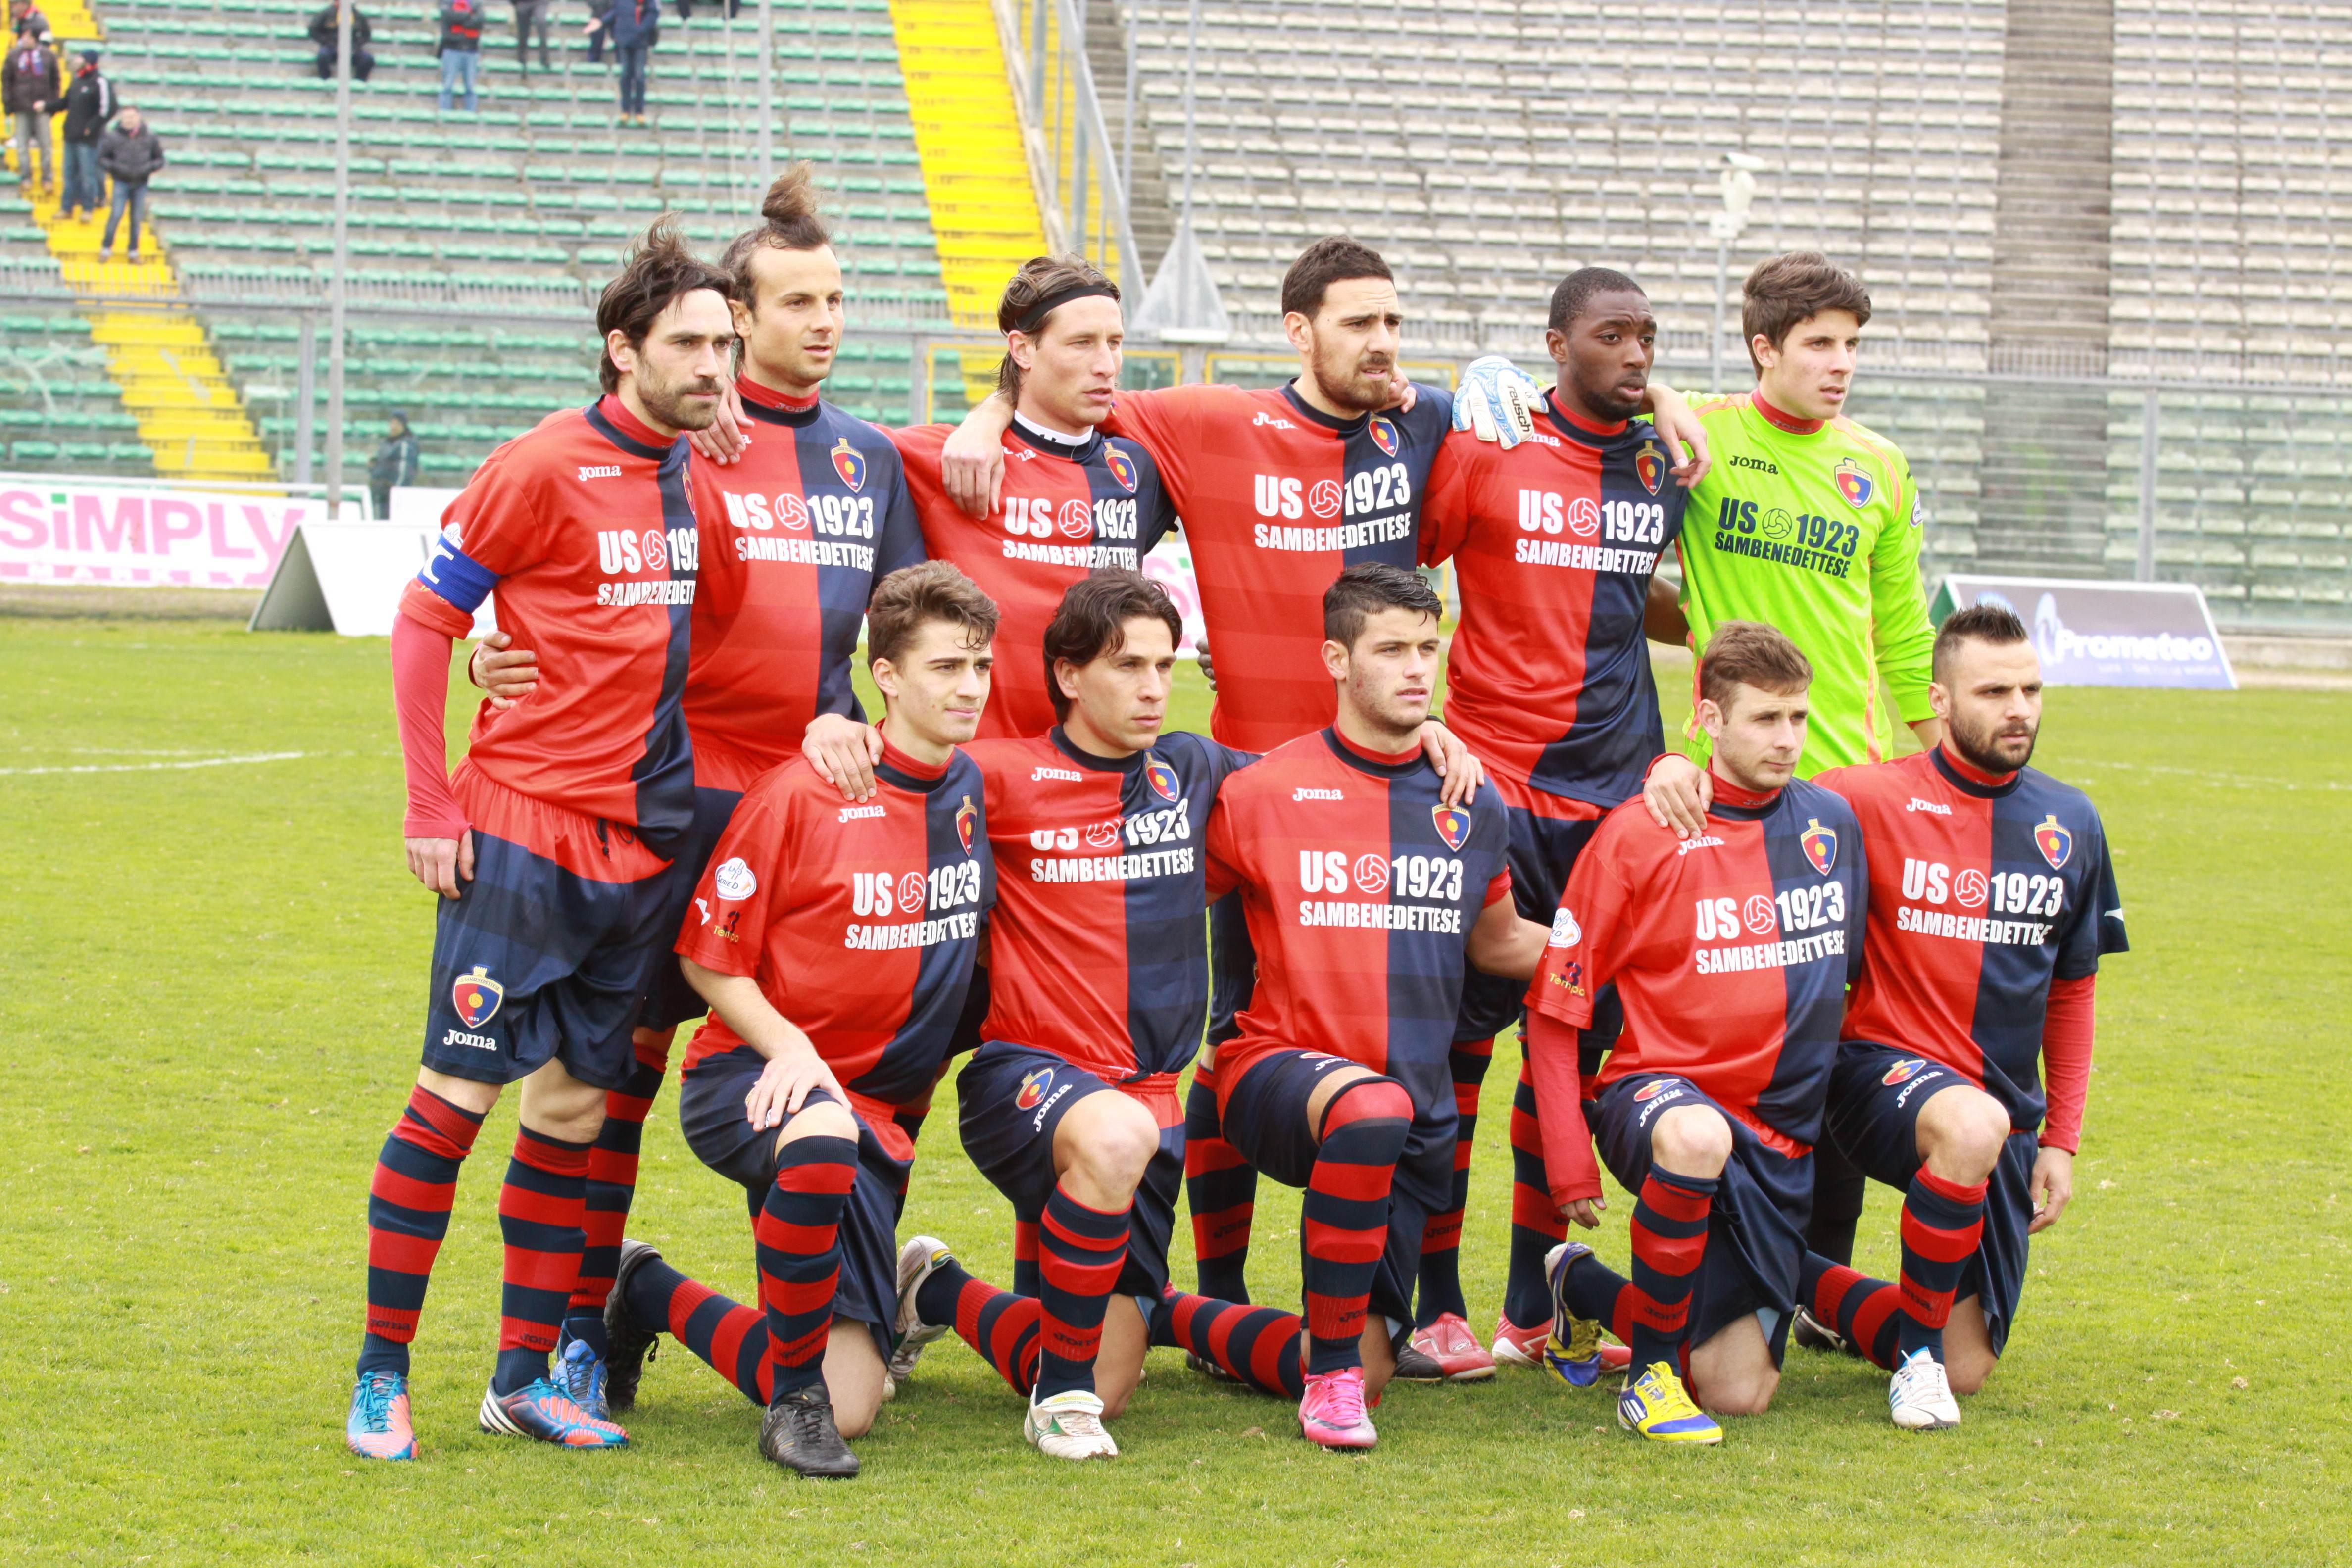 La Samb scesa in campo ad Ancona (bianchini)